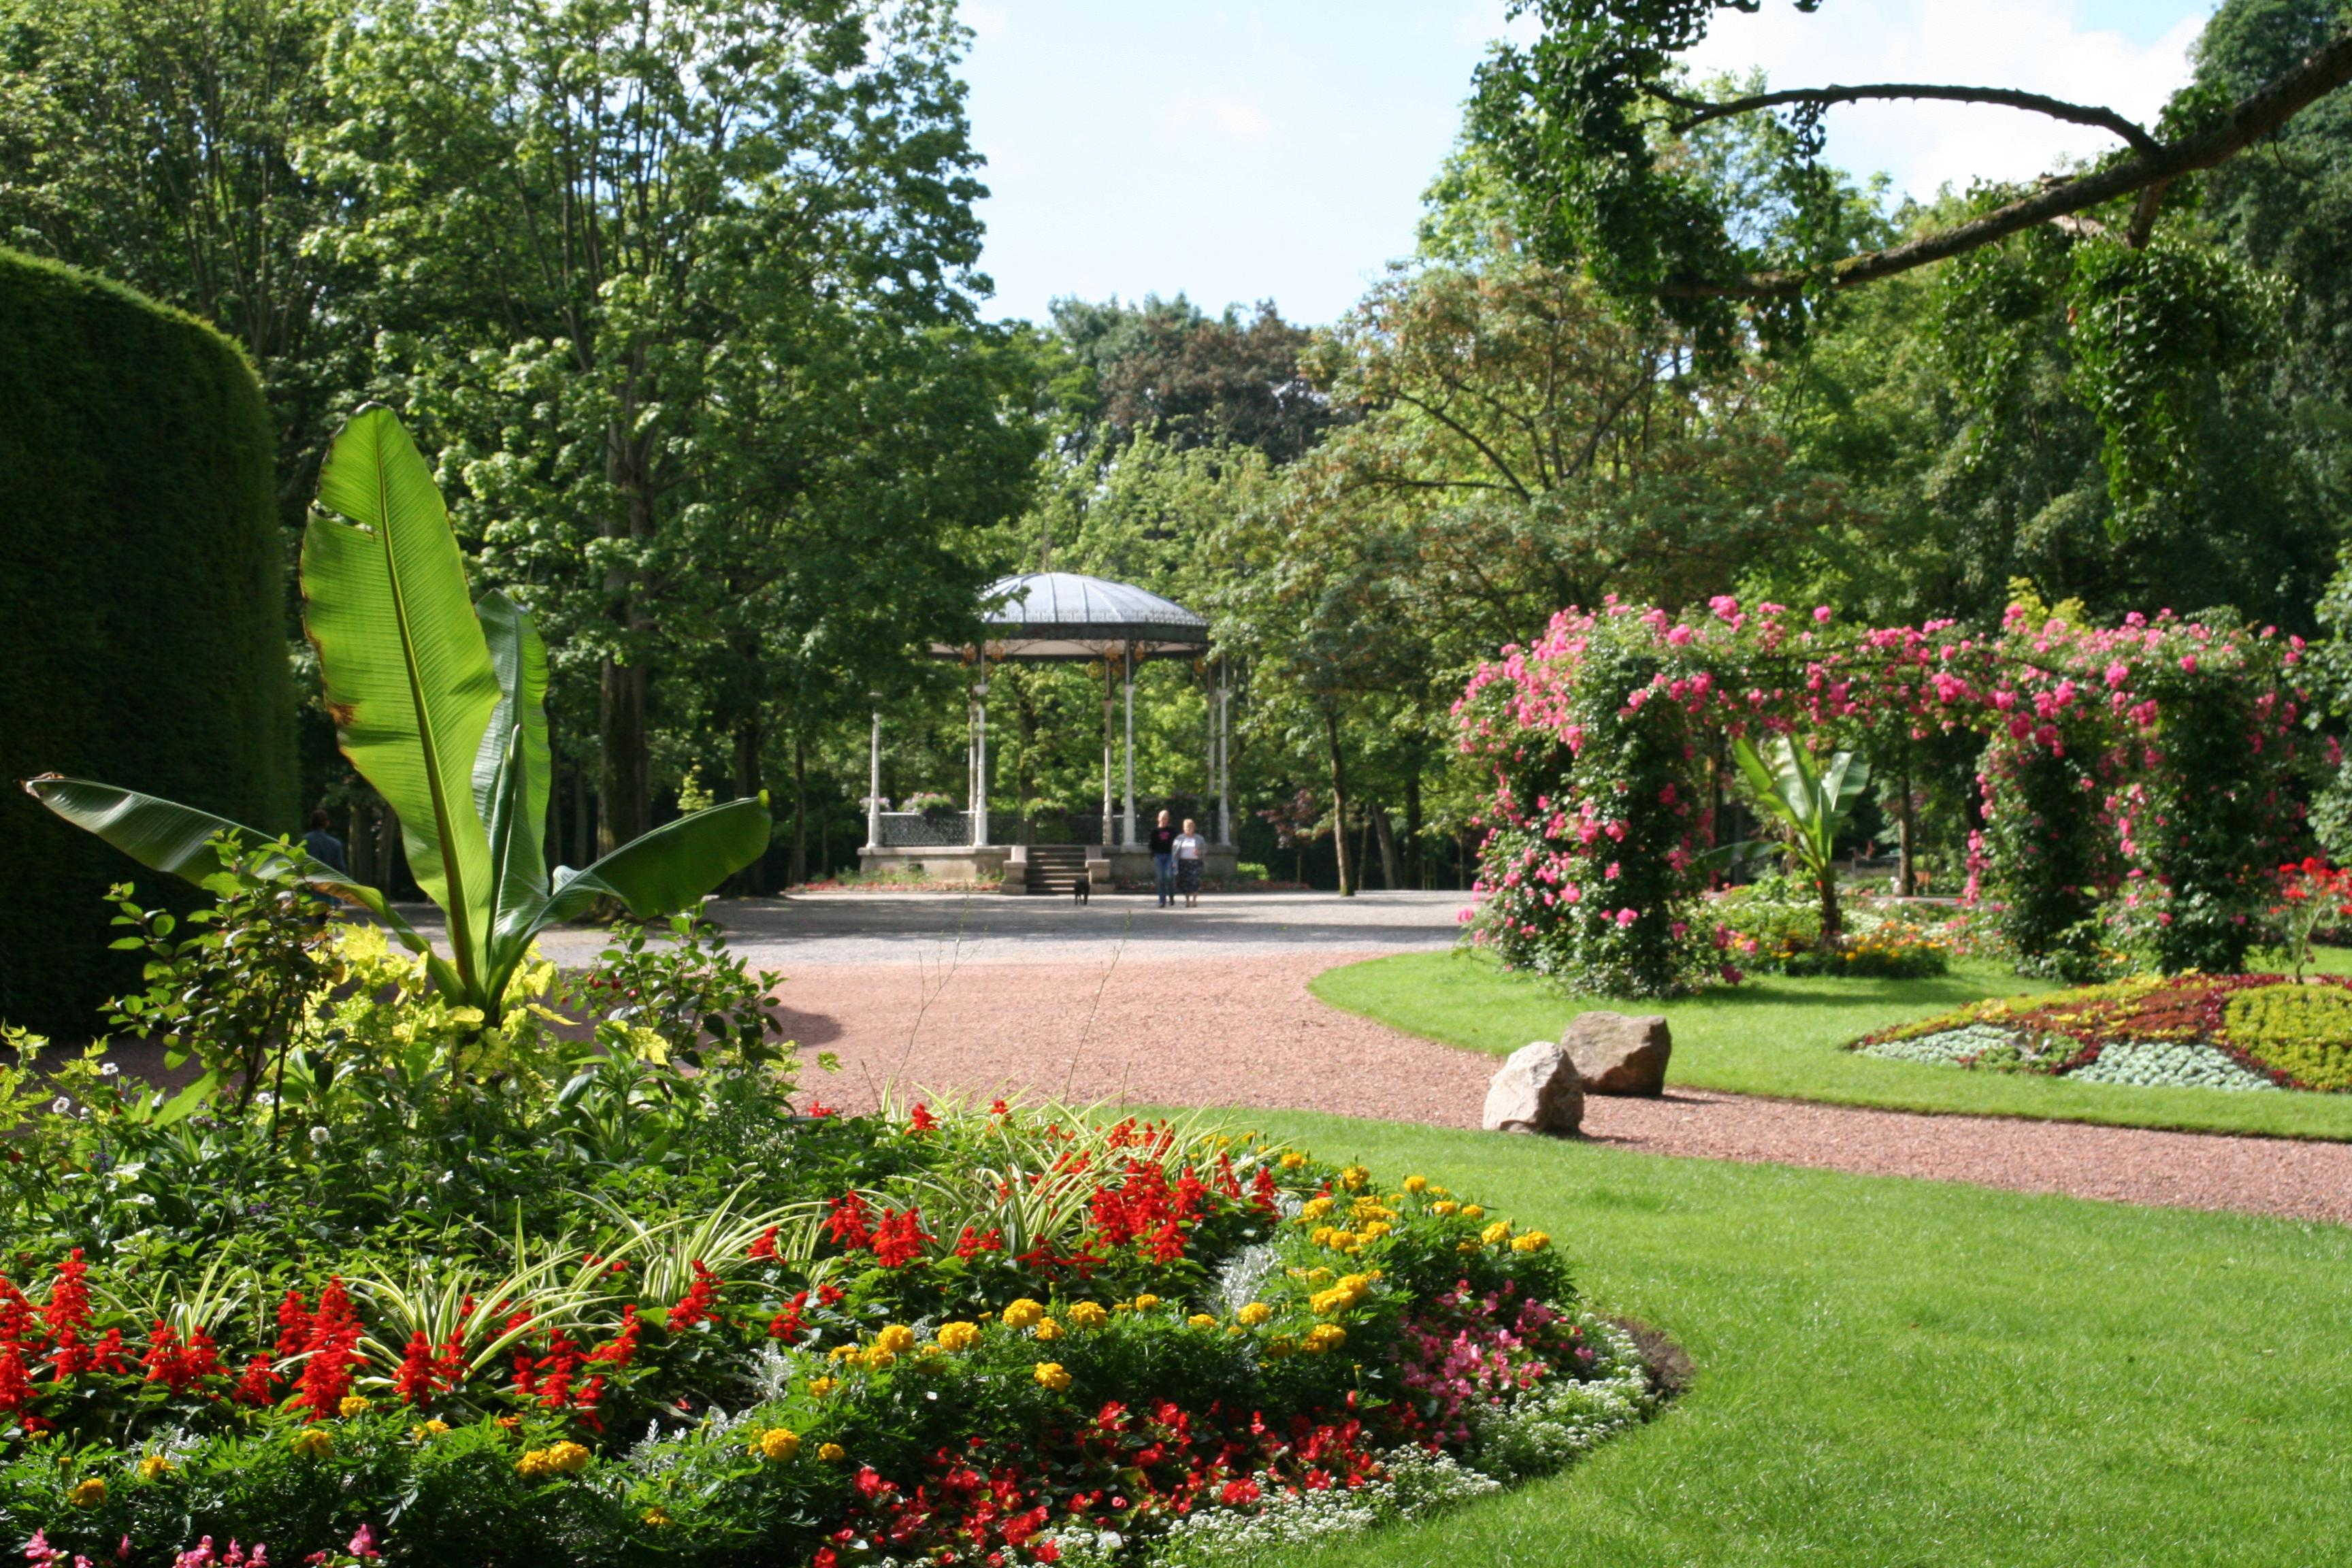 Jardin public de St-Omer